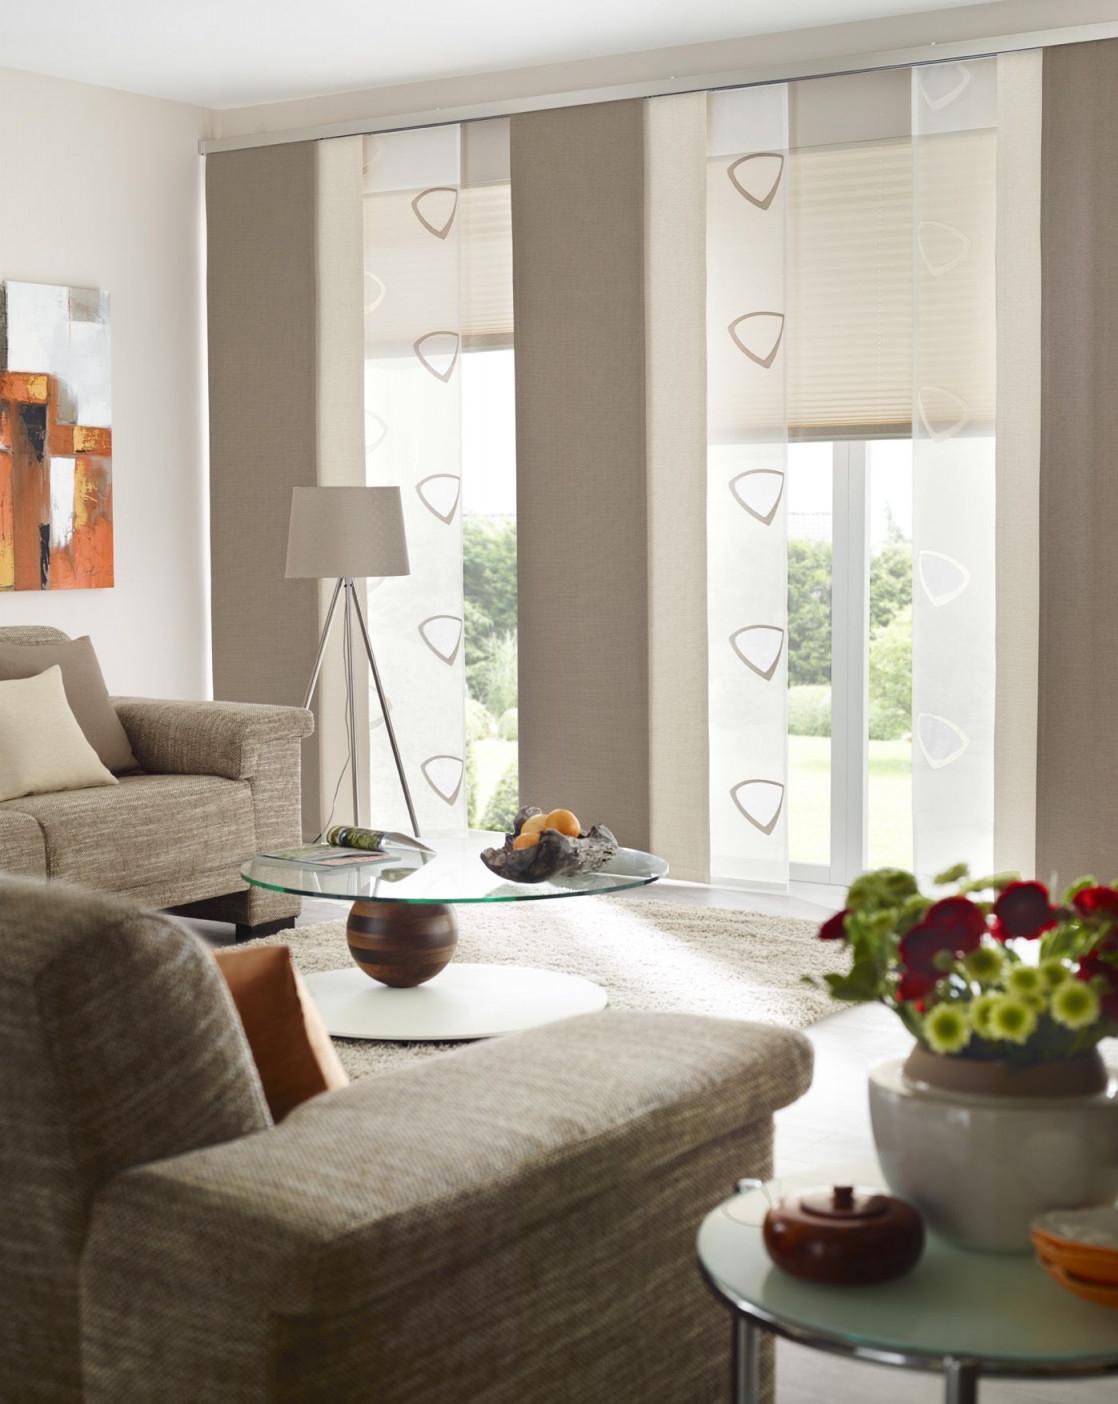 Fenster Urbansteel Gardinen Dekostoffe Vorhang von Gardinen Wohnzimmer Roller Bild